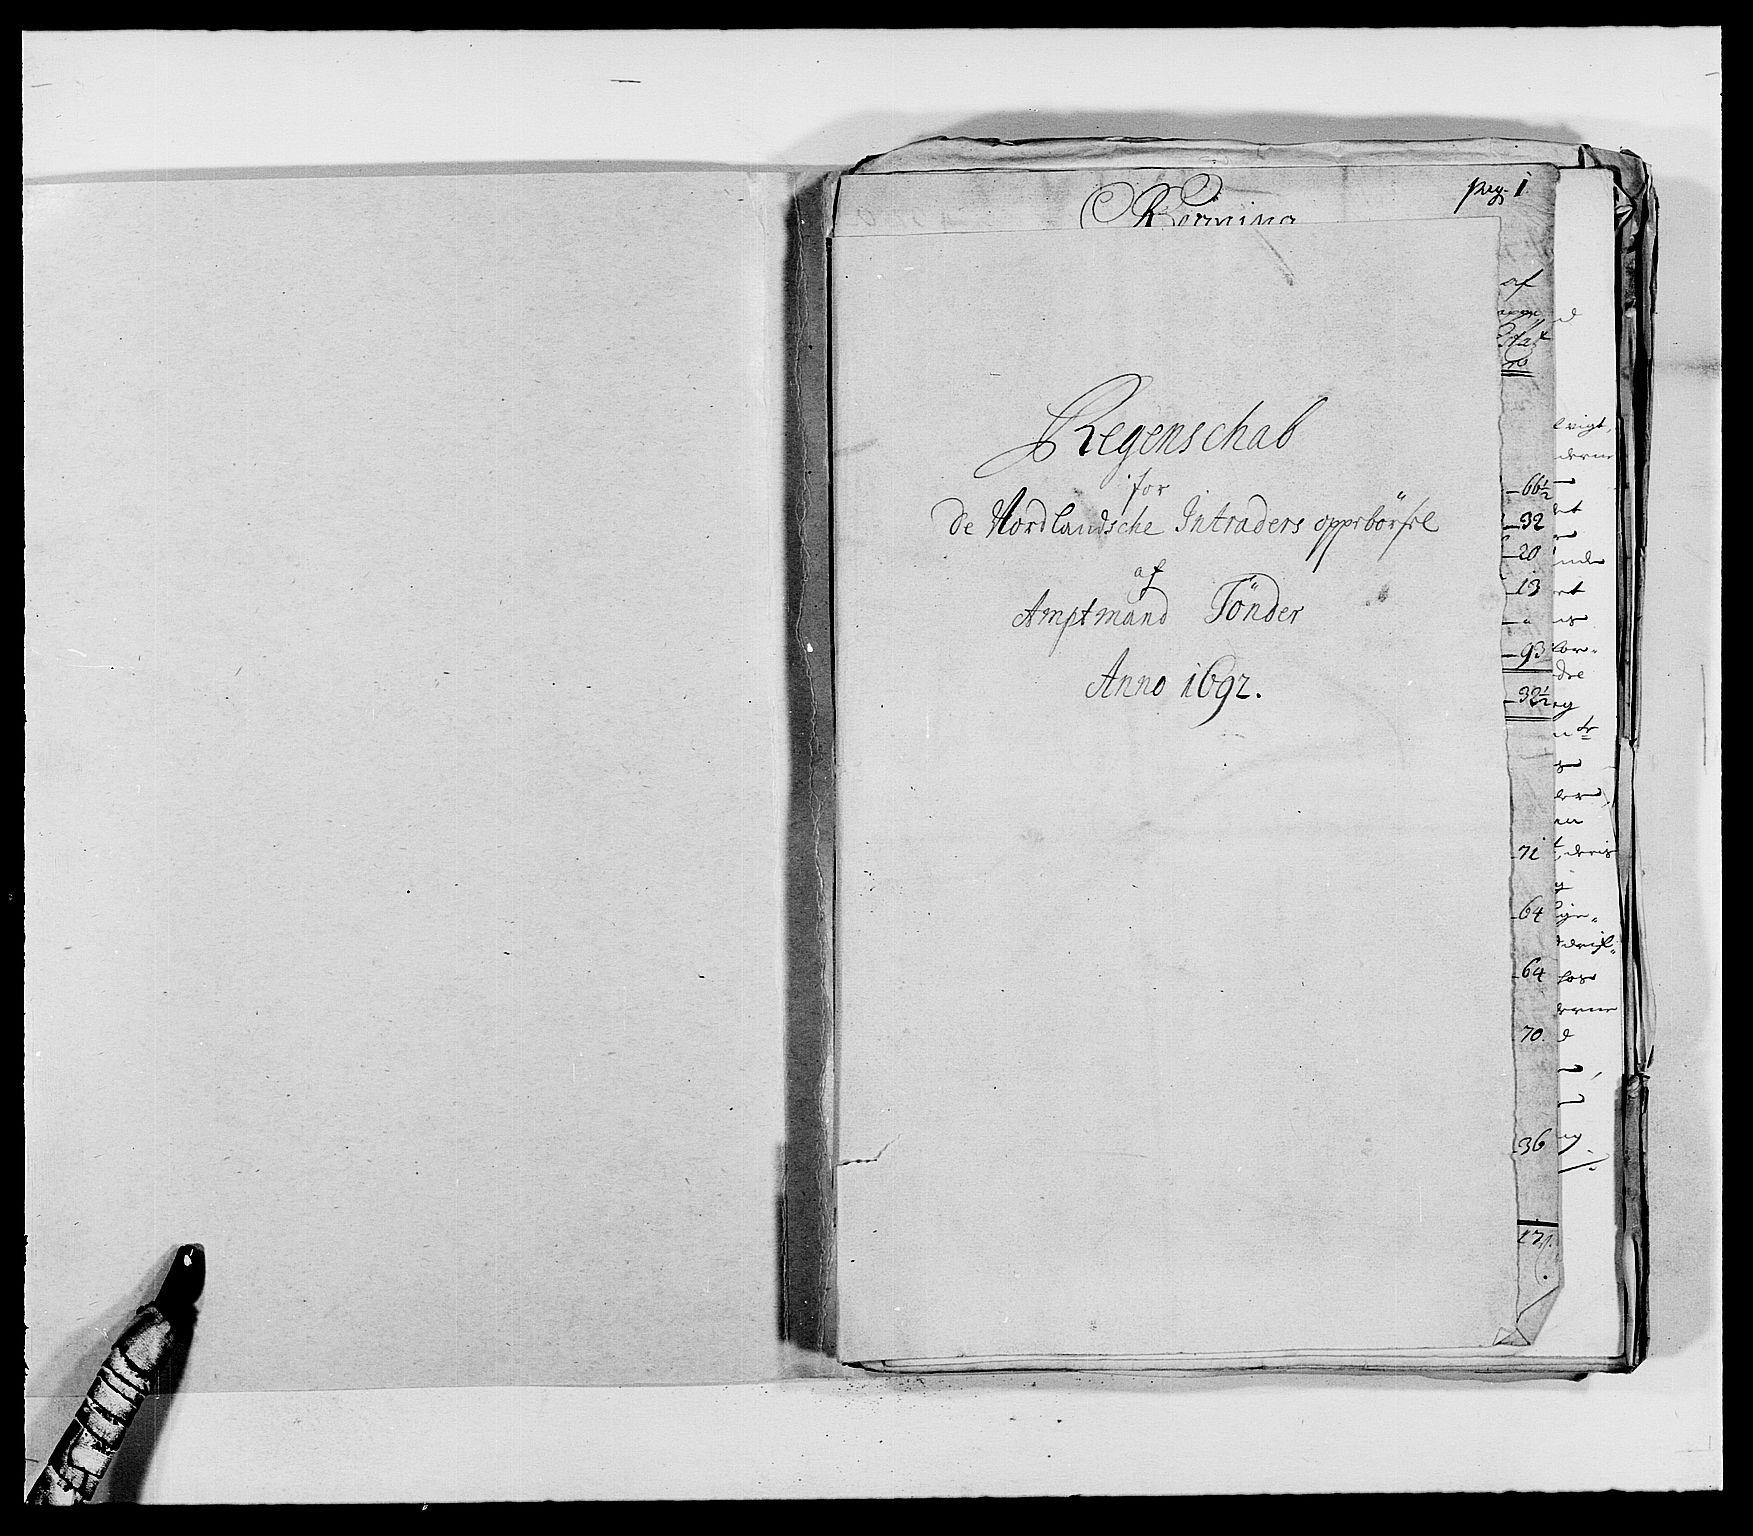 RA, Rentekammeret inntil 1814, Reviderte regnskaper, Fogderegnskap, R68/L4751: Fogderegnskap Senja og Troms, 1690-1693, s. 202